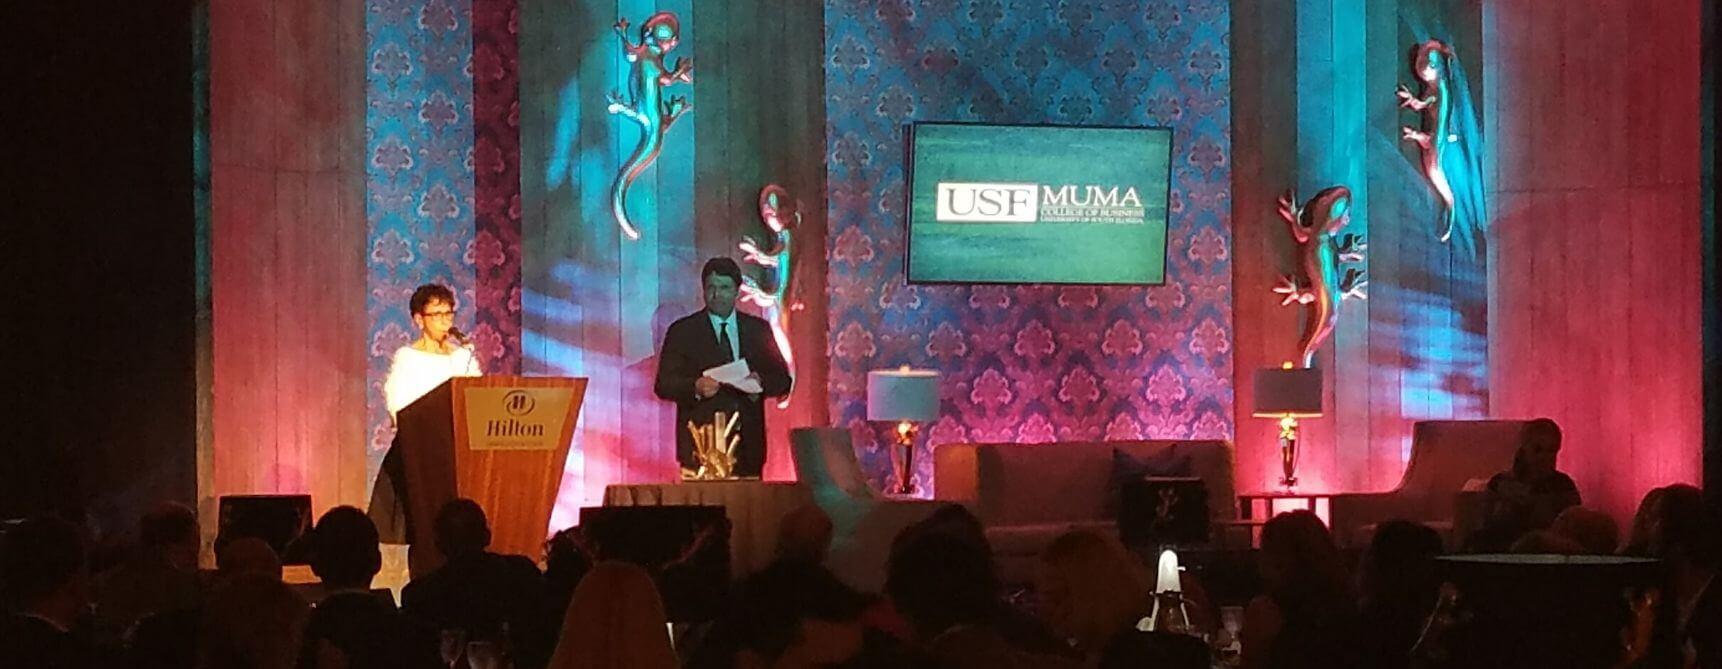 4 USF MUMA Event